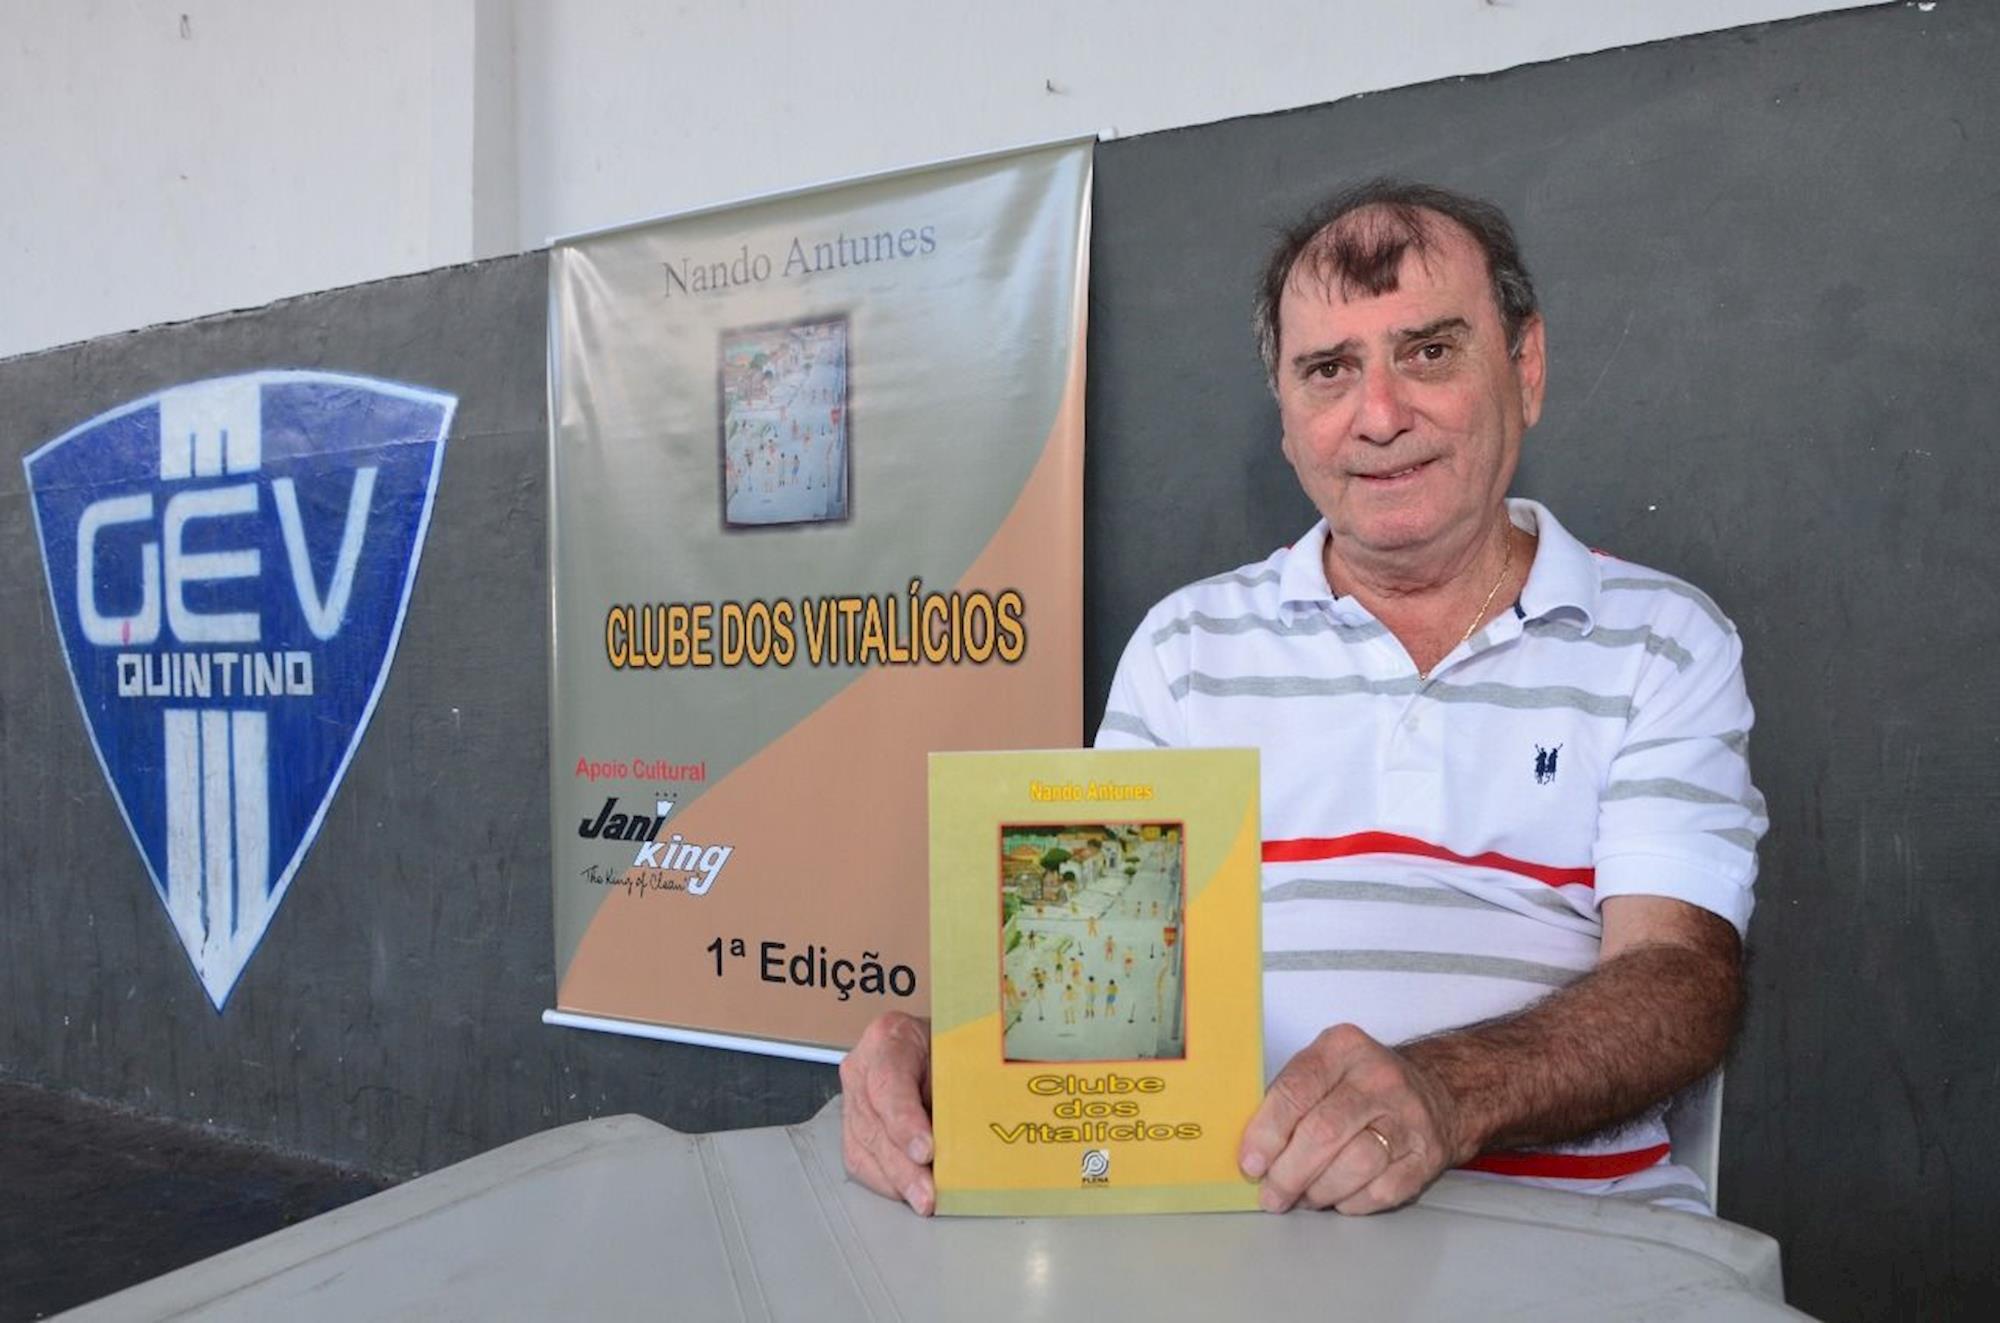 Nando, Antunes, Divulgação